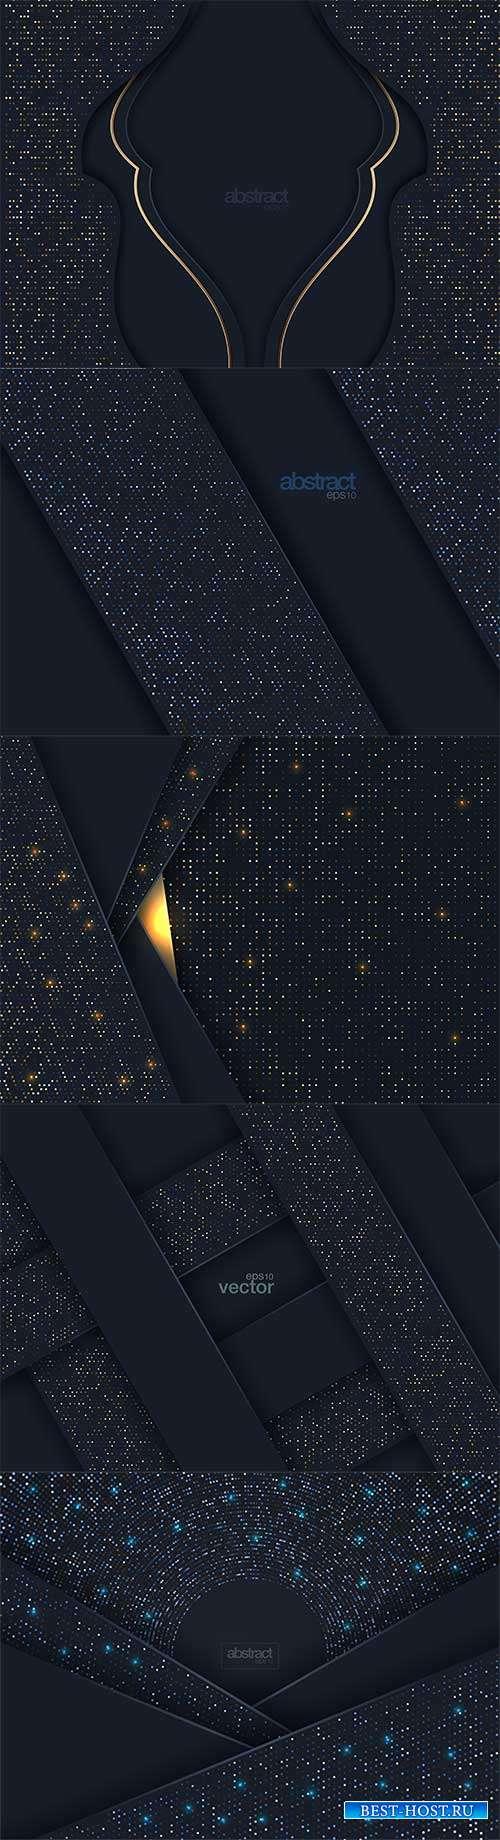 Тёмные фоны с блеском - Векторный клипарт